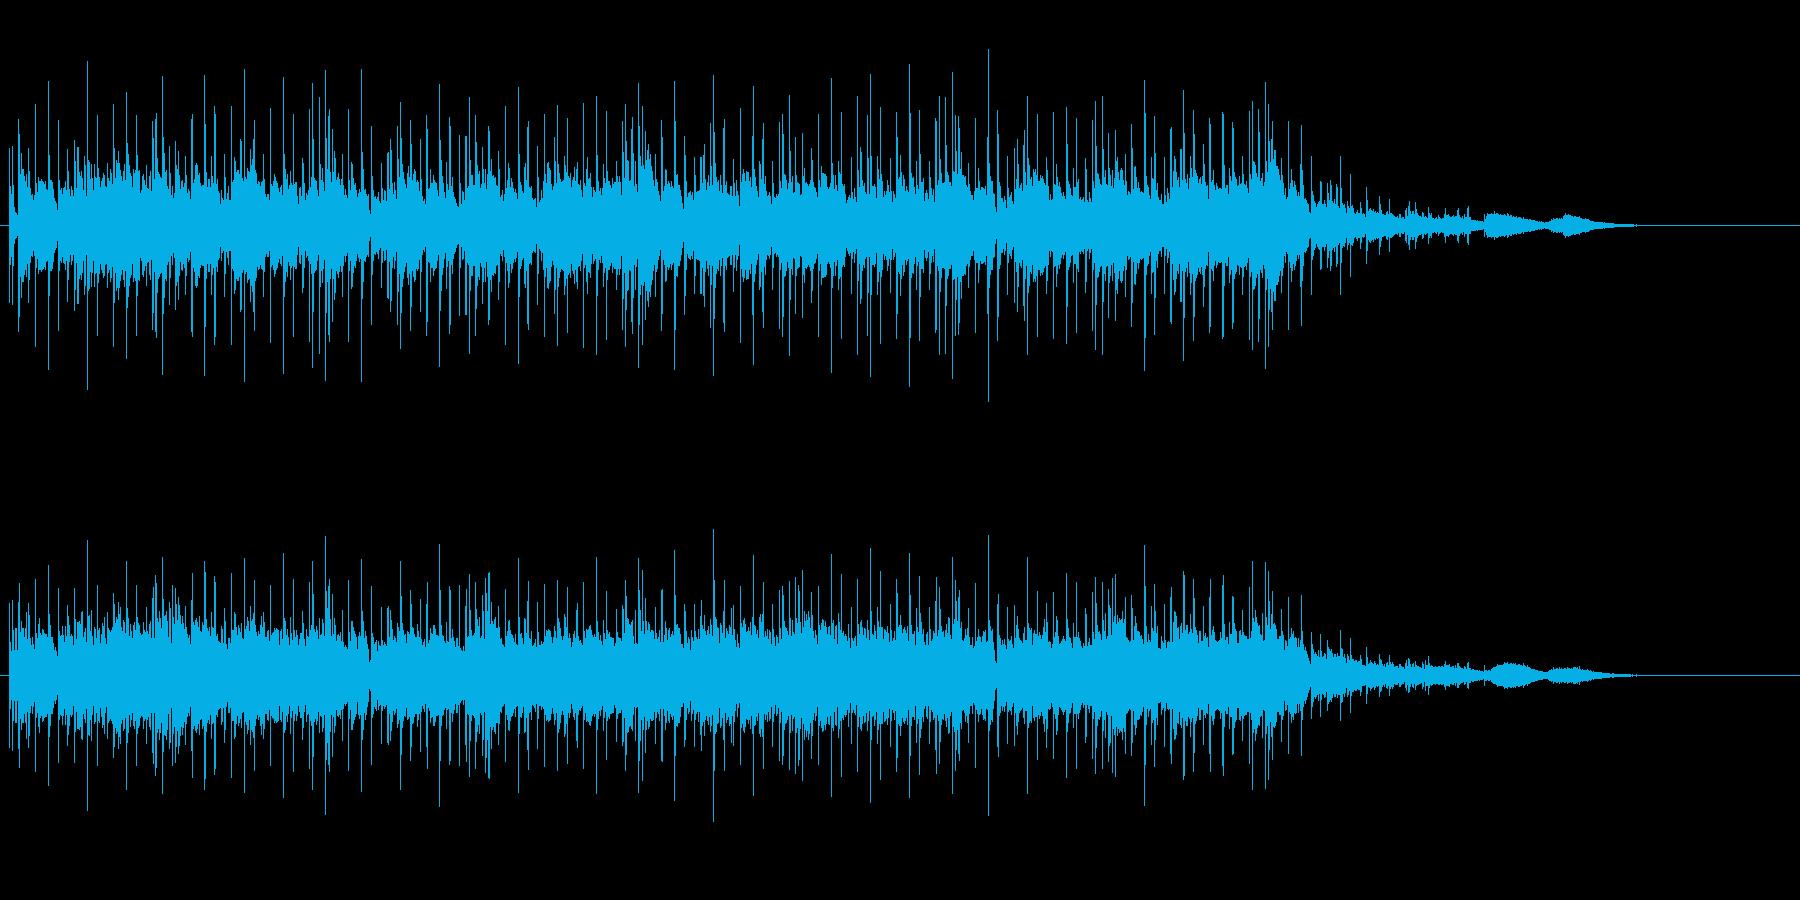 ホラー調の奇妙なアンビエントの再生済みの波形